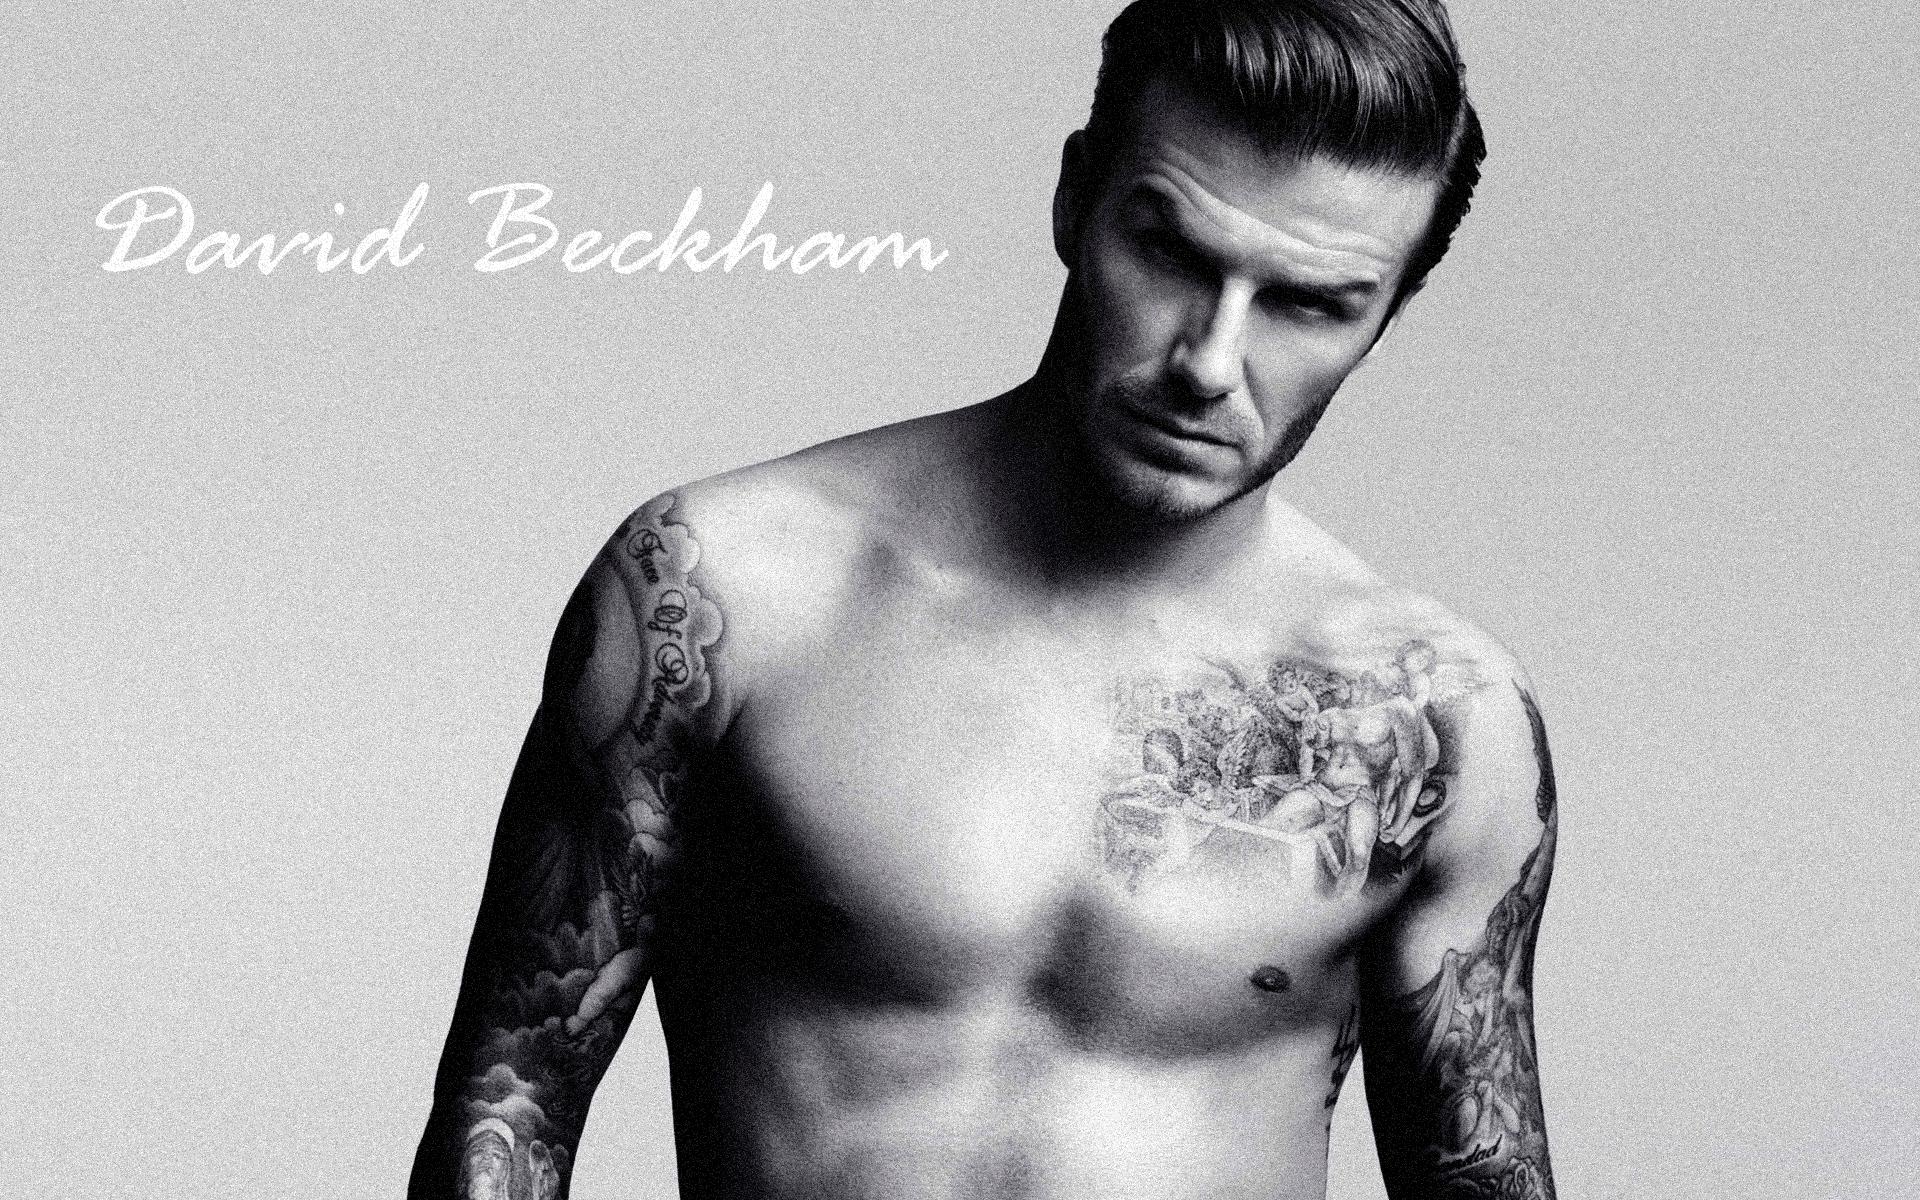 David Beckham Wallpaper 2012 5